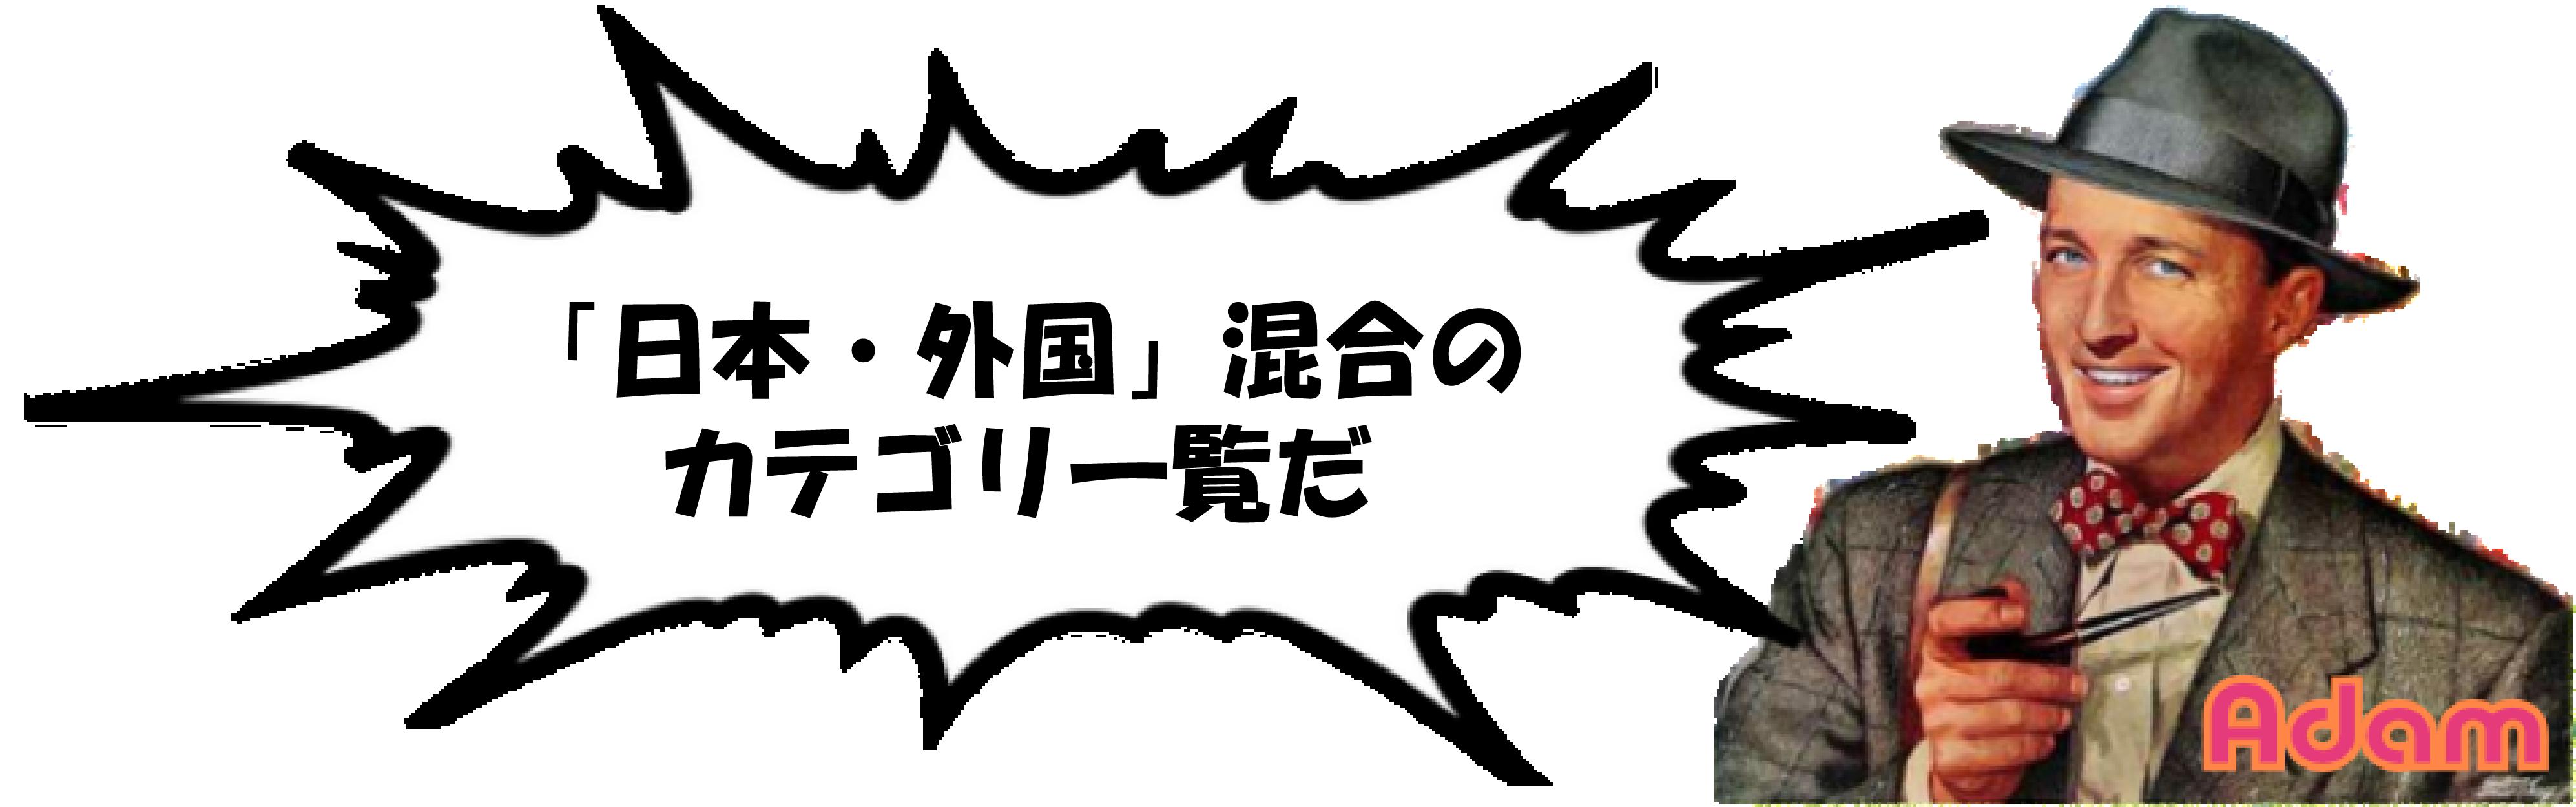 テンプレート(日本・外国混合のカテゴリ一覧)-01-01-01